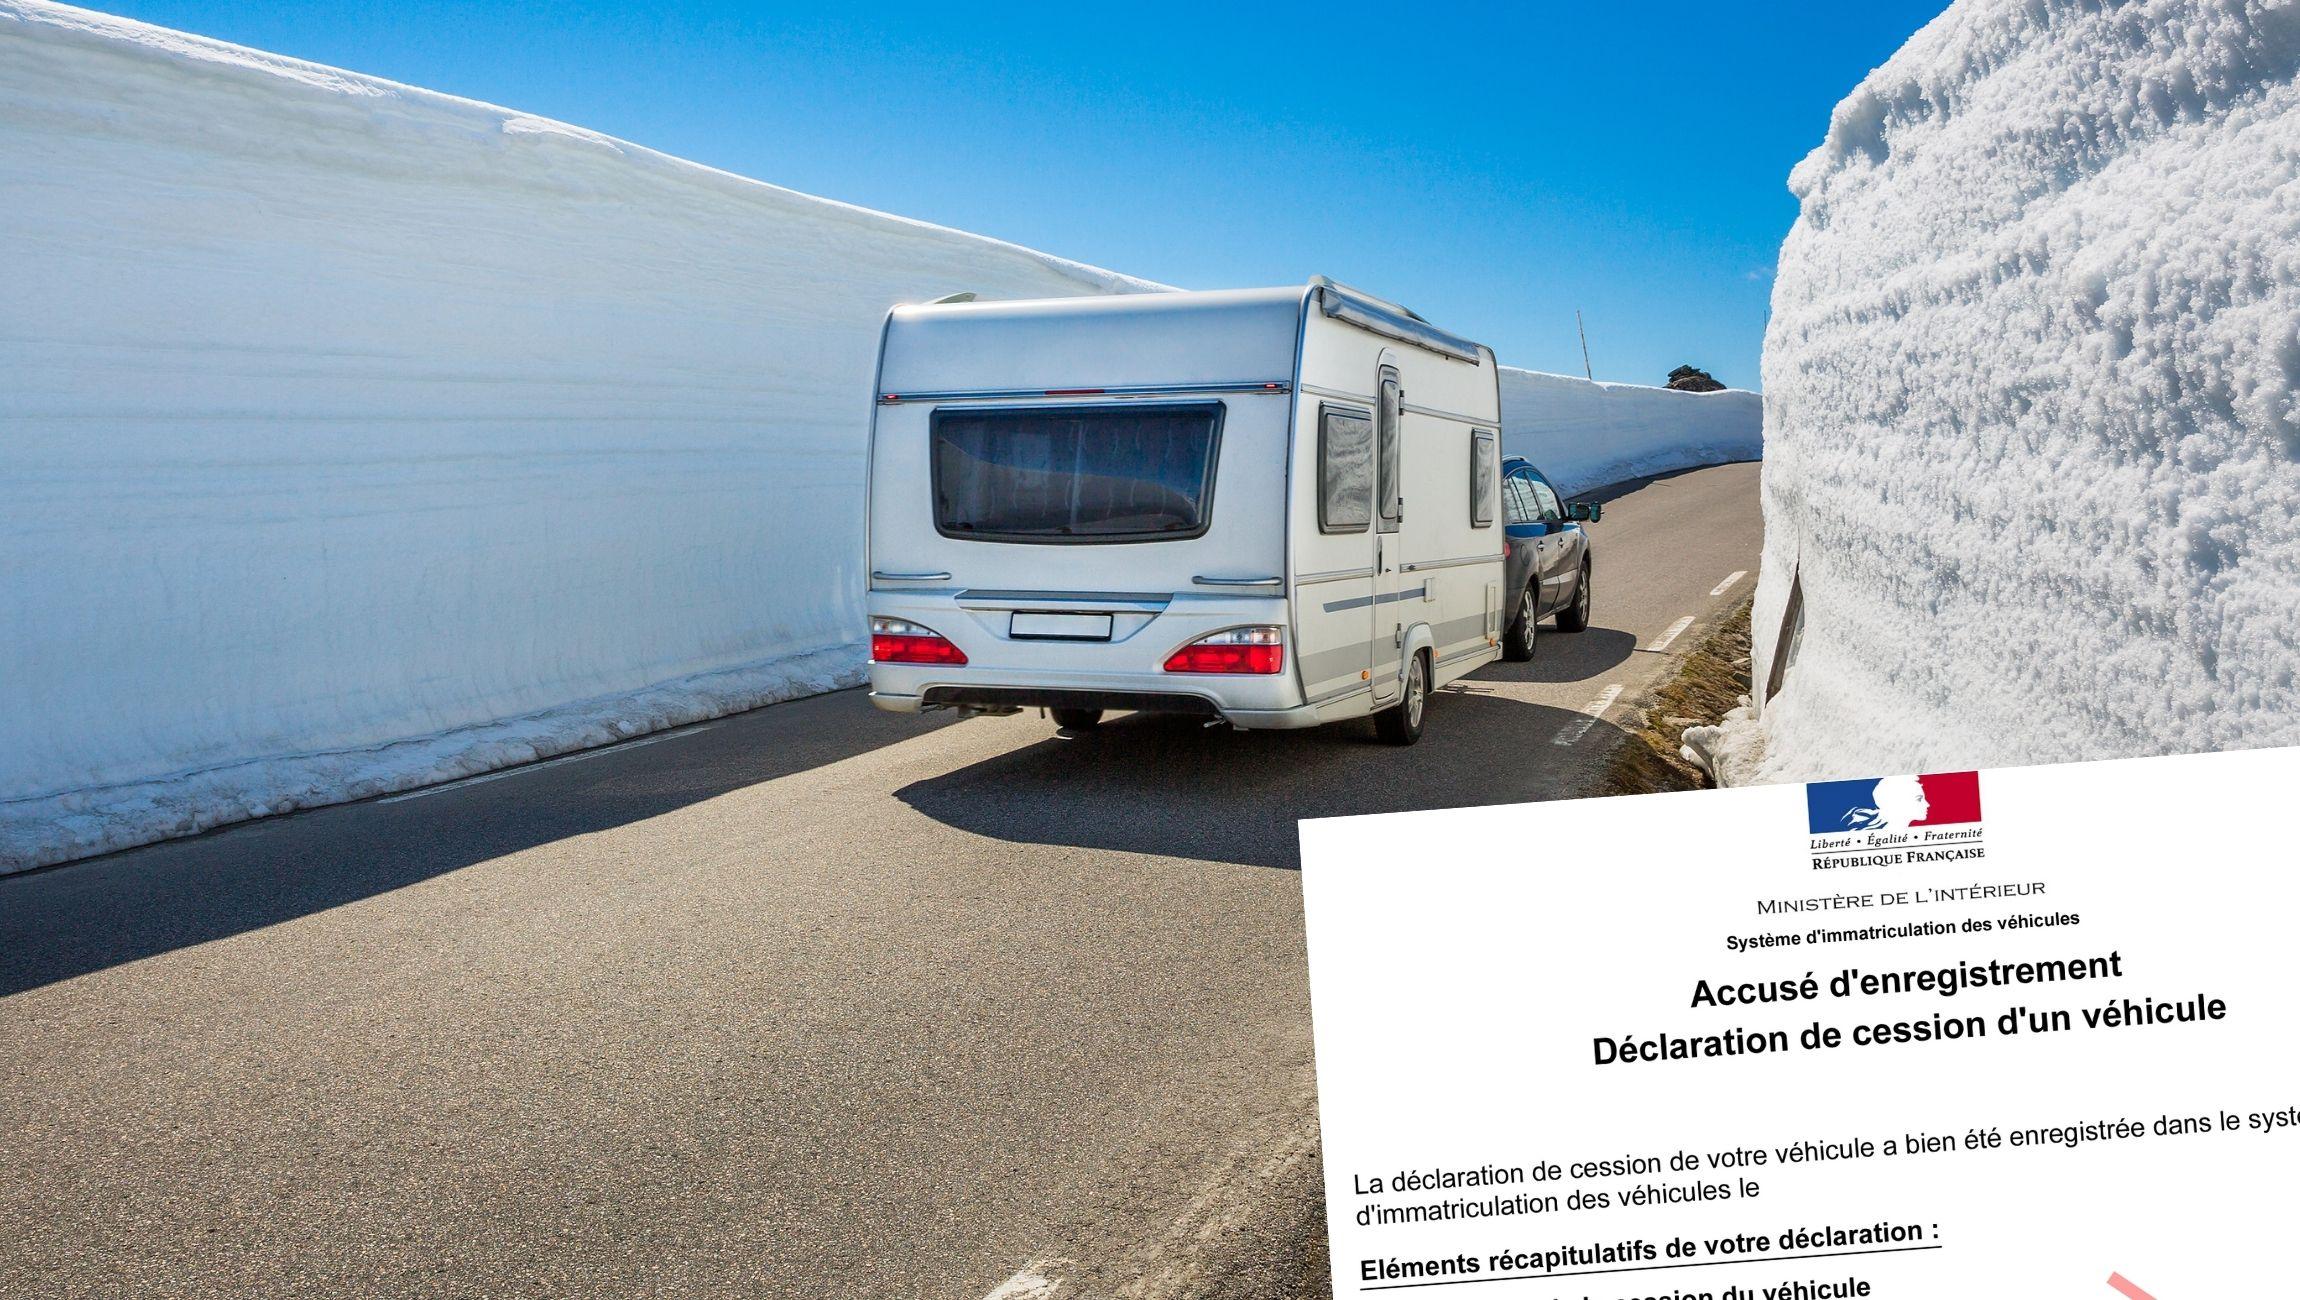 Déclaration de cession pour caravane